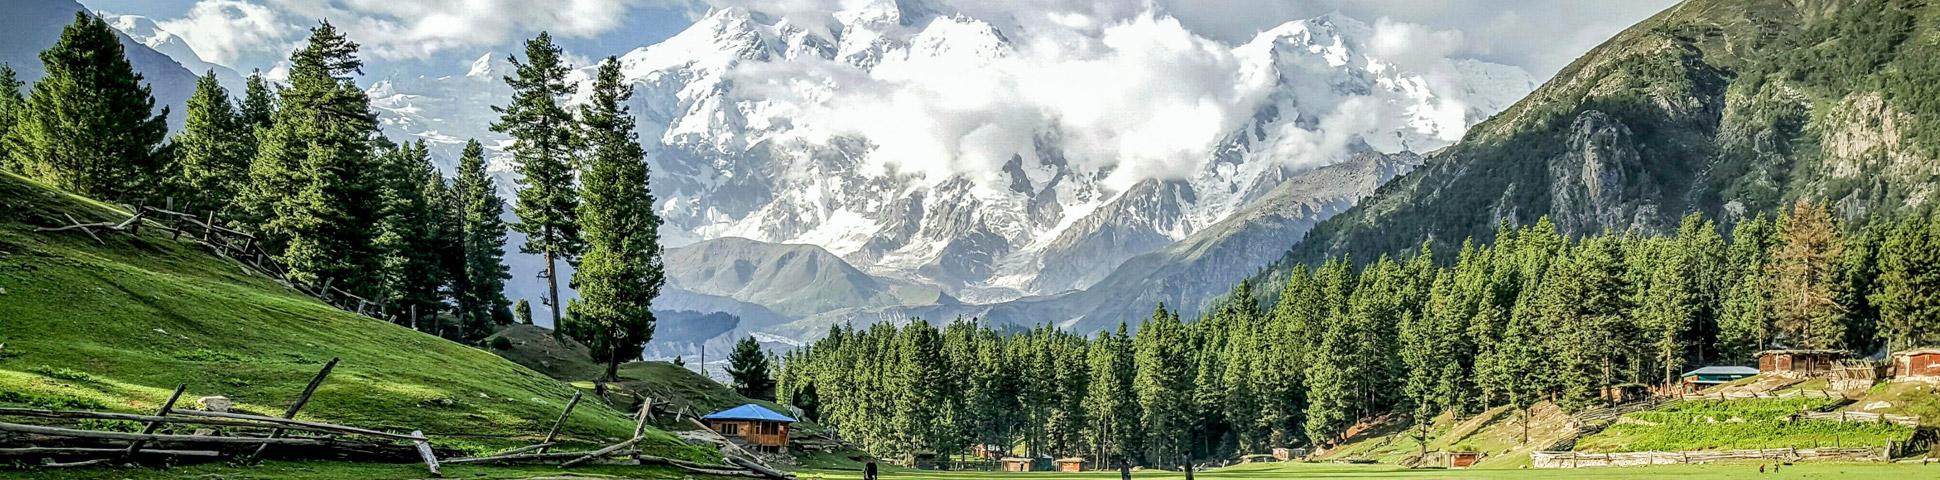 Panoramic views of Pakistan mountains